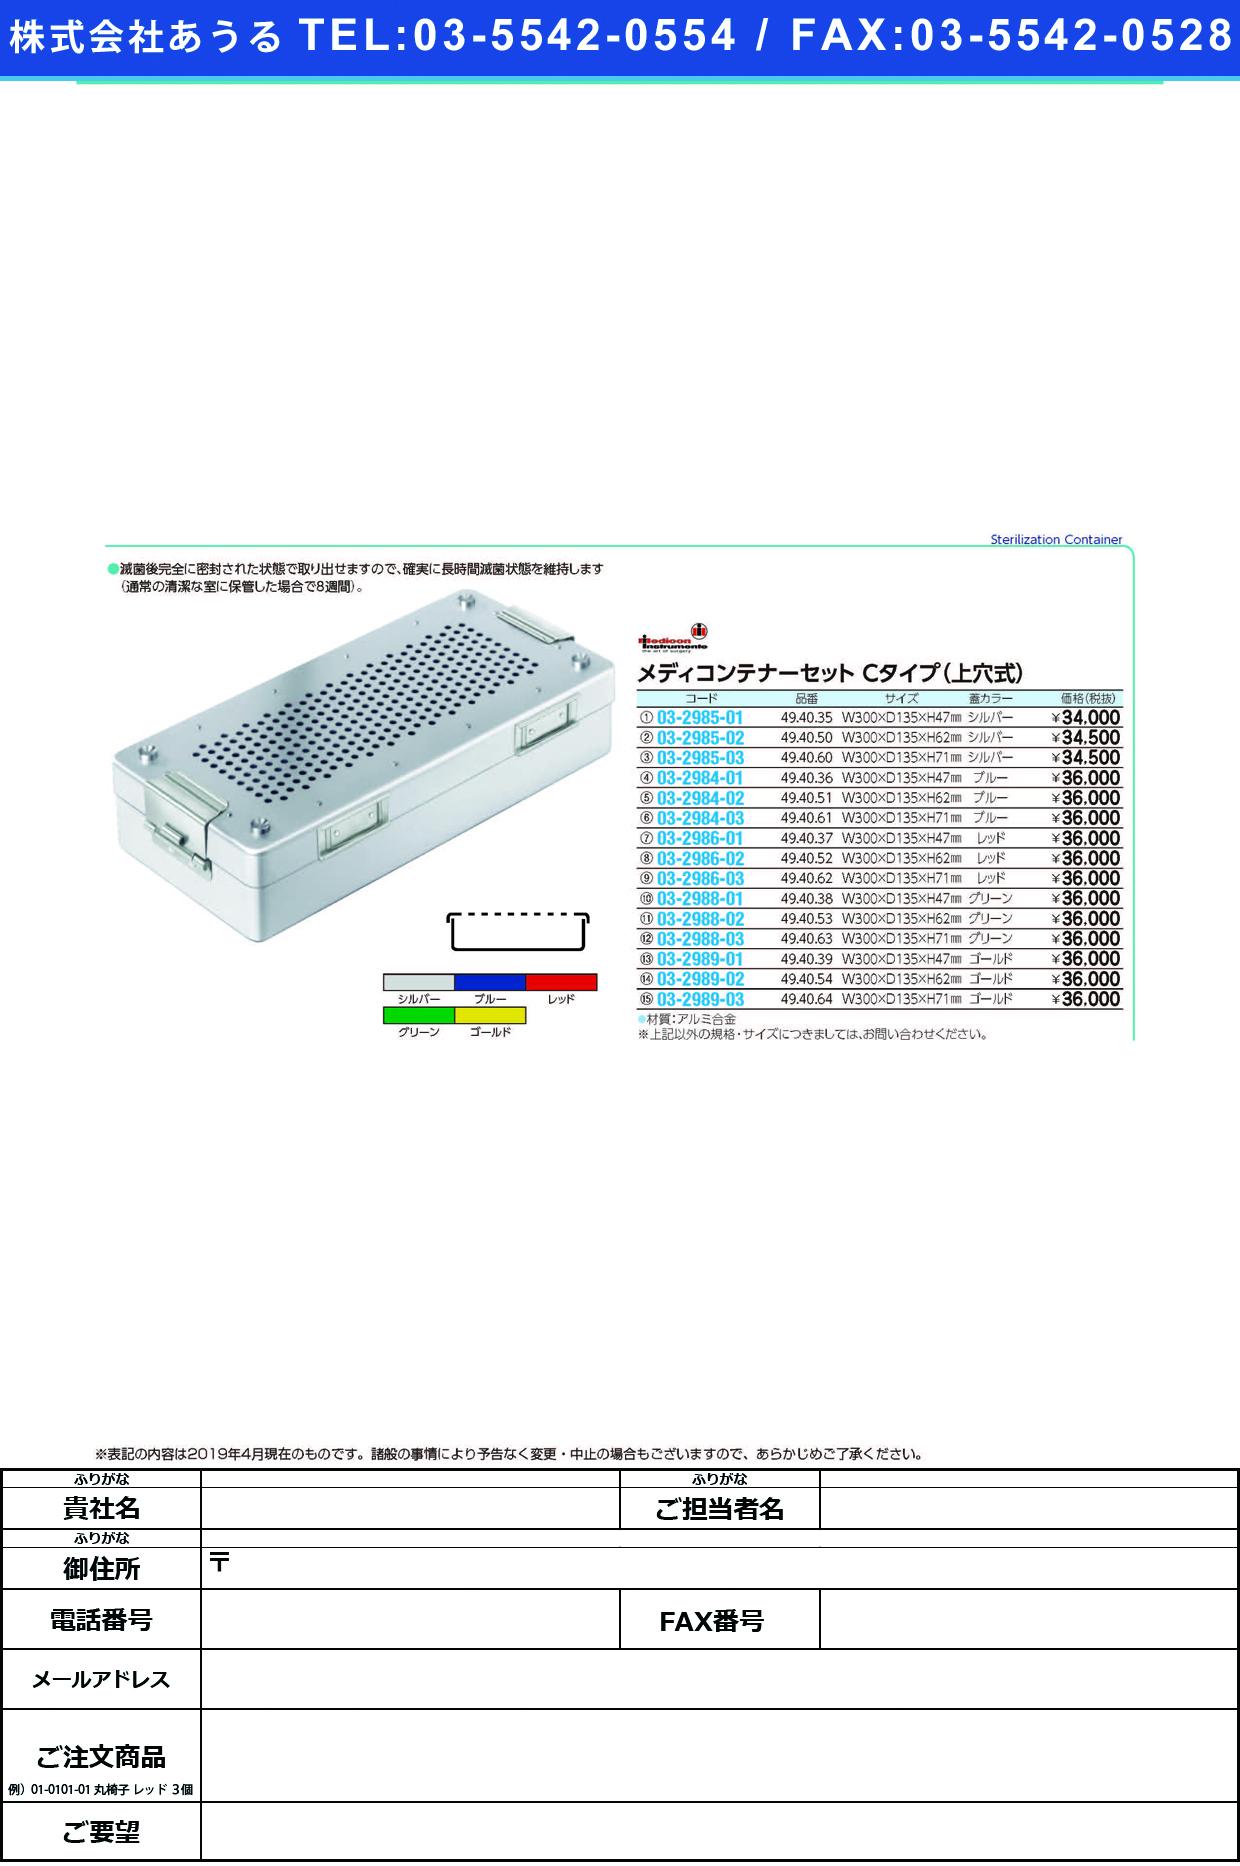 メディコンテナーセットC(上穴式) 49.40.52(レッド) メディコンテナーセットC